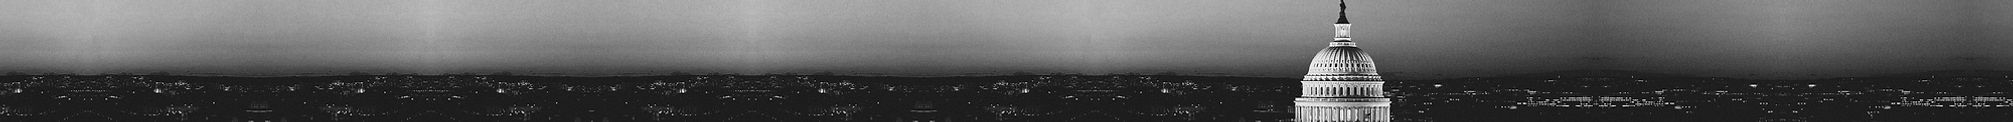 Skyline for header.jpg